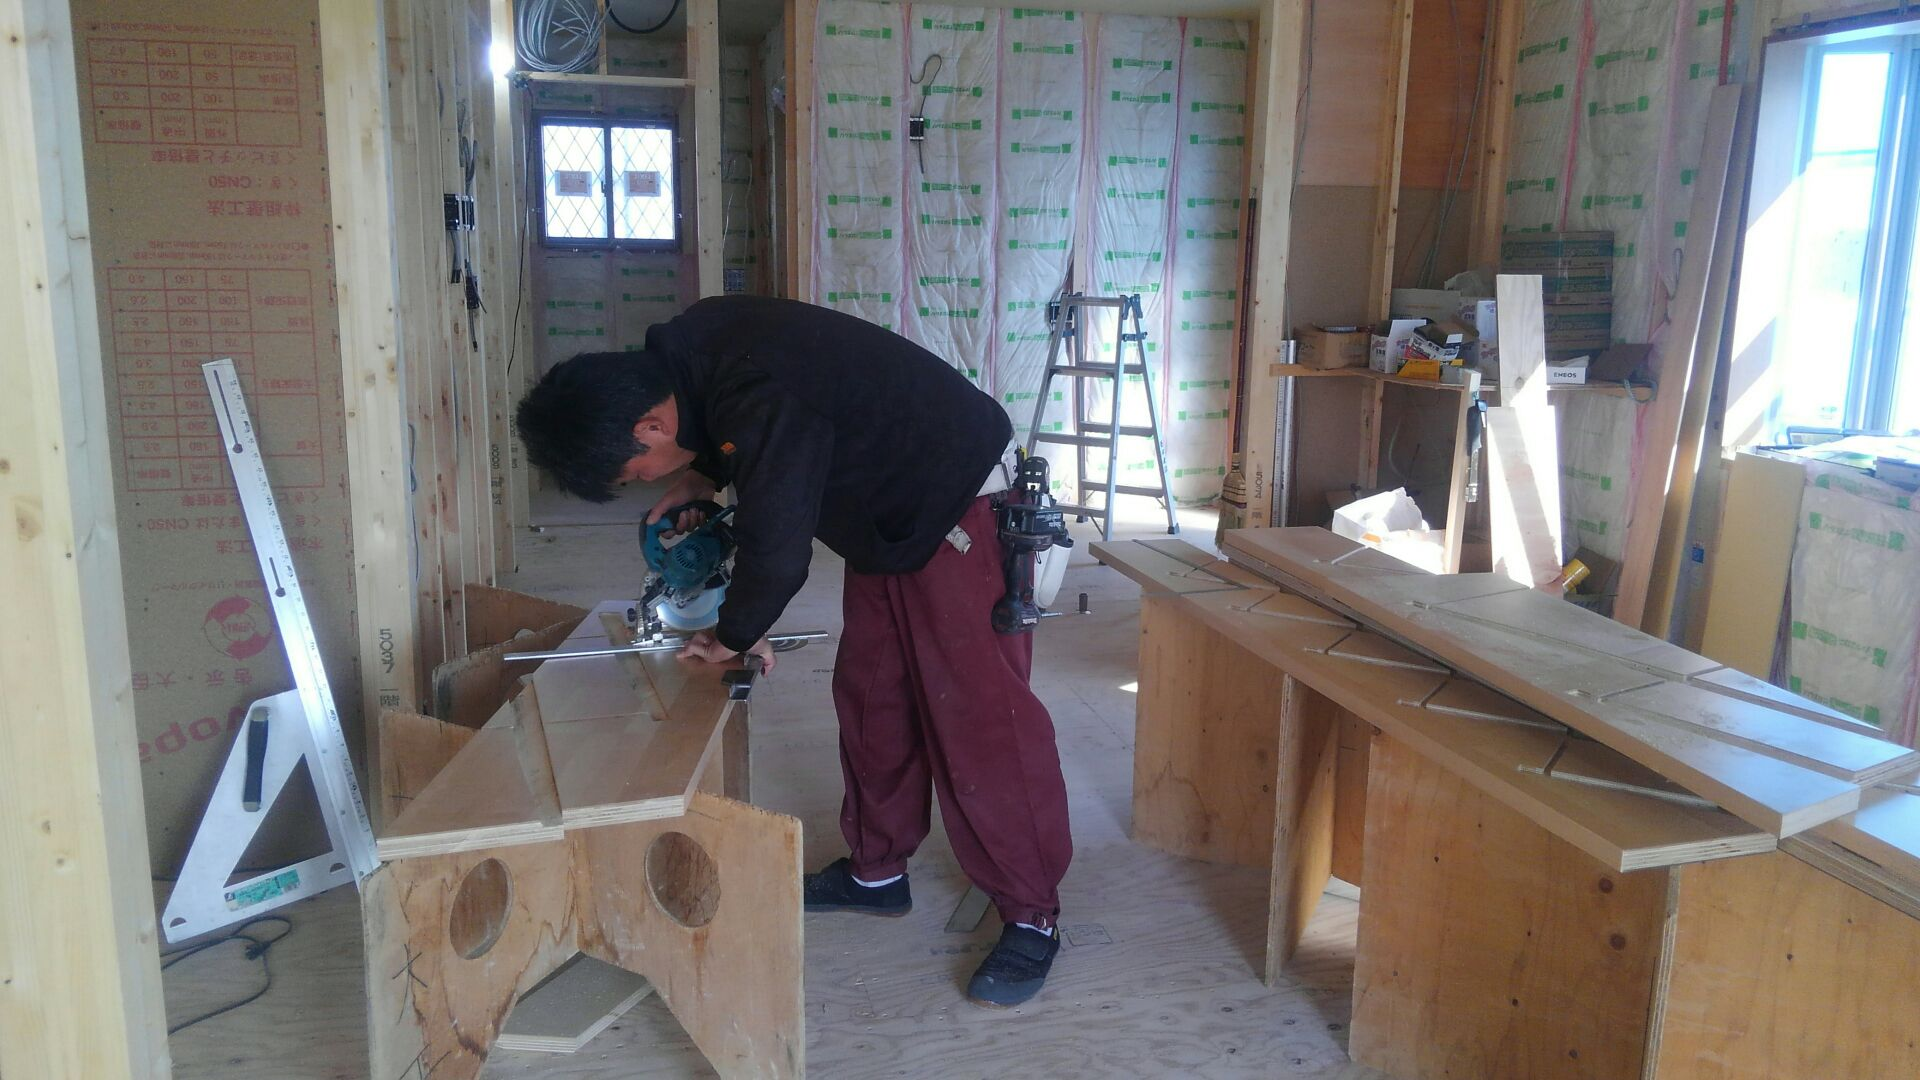 外ではつくしが育つなか、室内では大工さんが階段作りをはじめています。